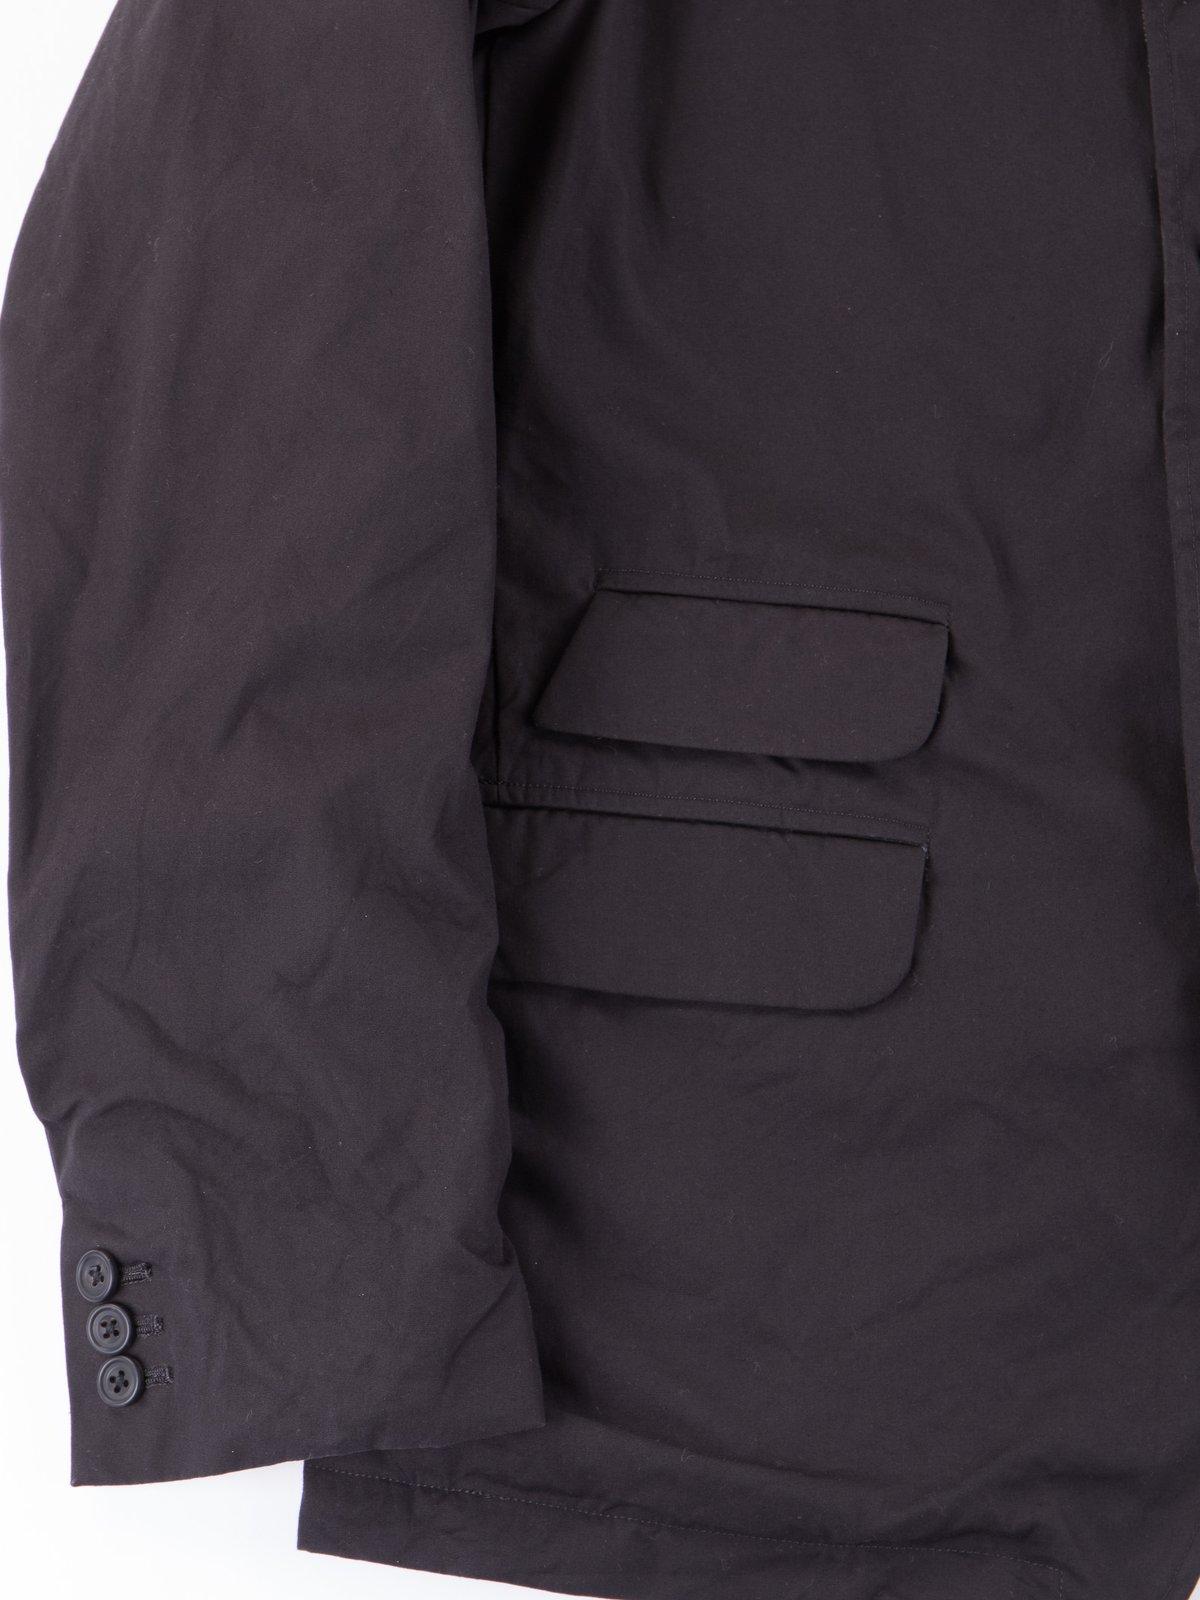 Deep Navy Old Potter Jacket - Image 3